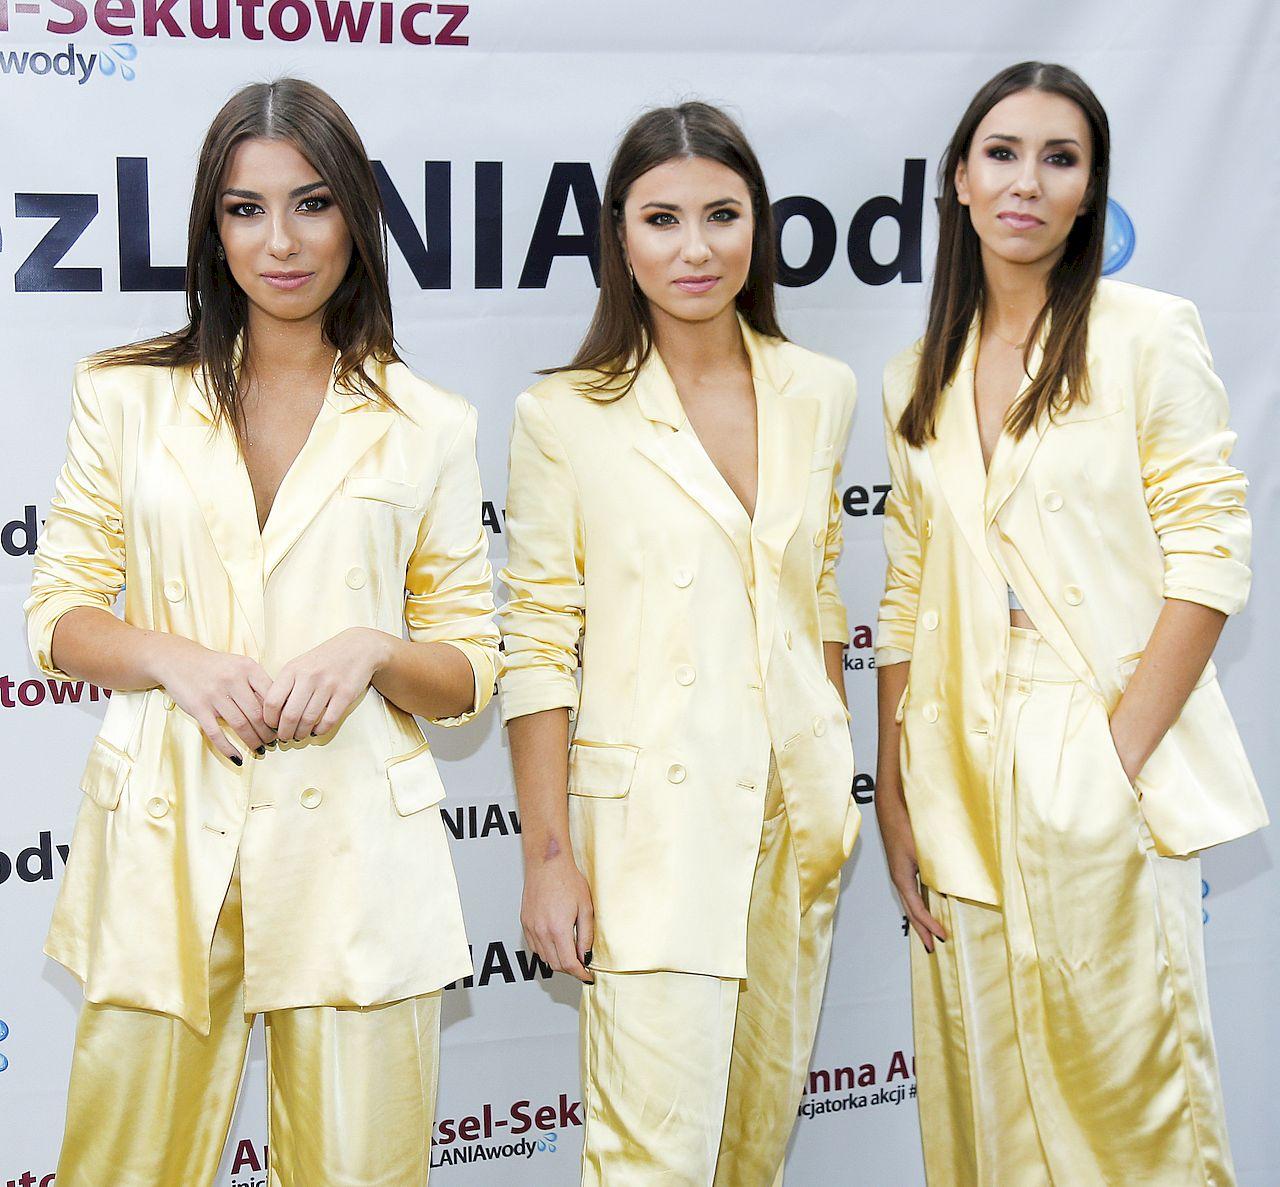 Siostry Szczepańskie na konferencji #bezlaniawody